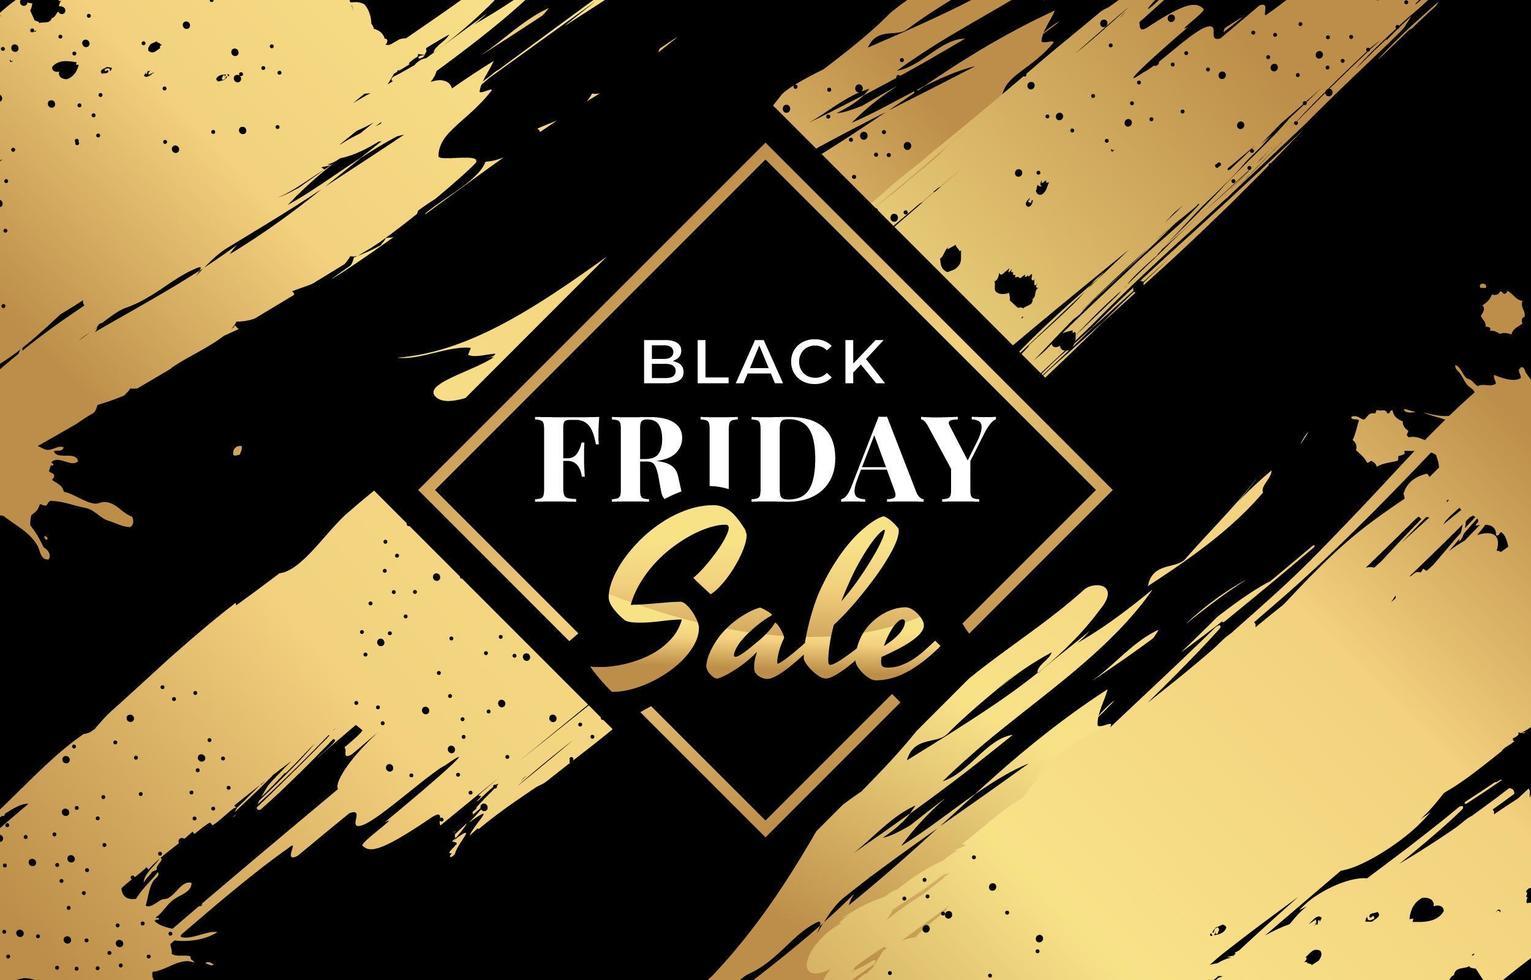 estetica nera e oro per la vendita del venerdì nero vettore